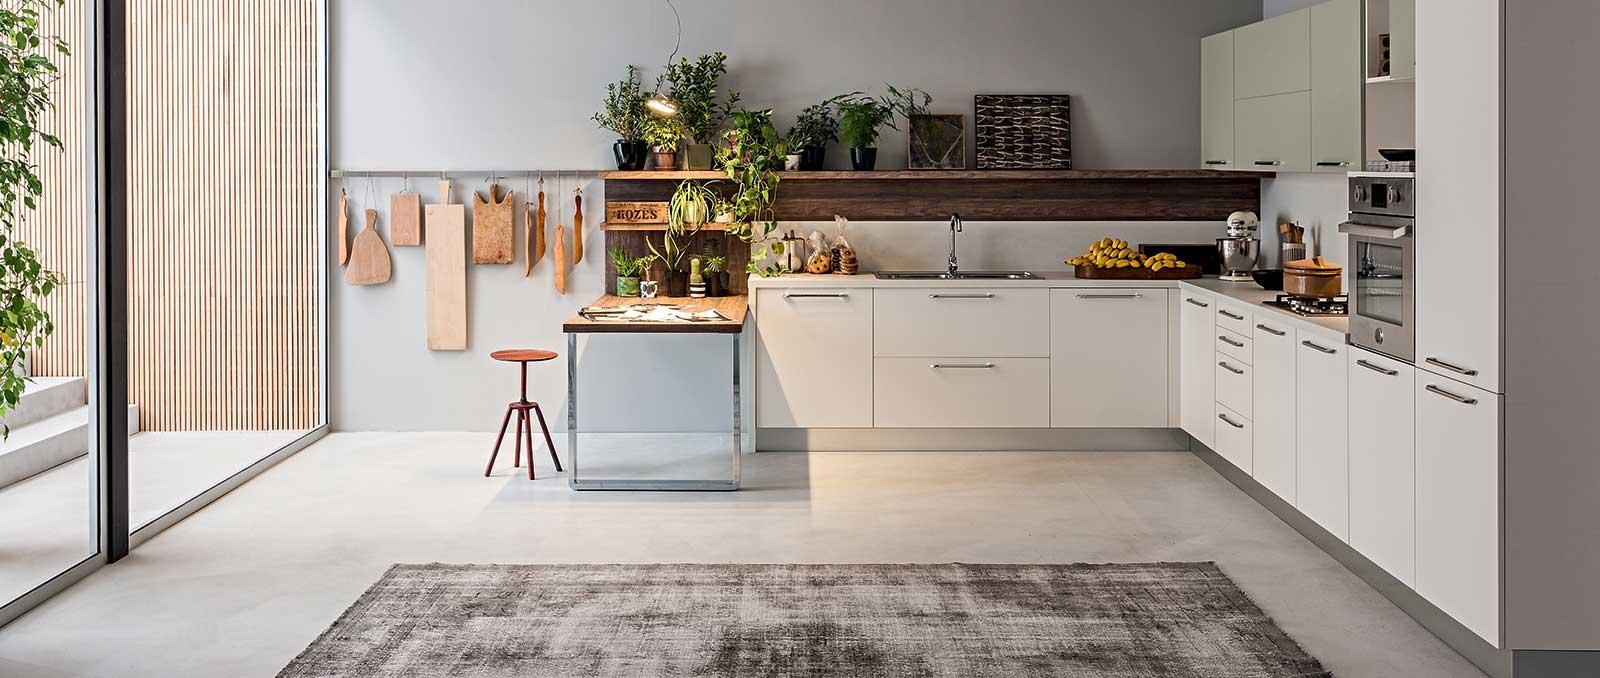 Le classique revisité, pour cette cuisine mariant demi-îlot, crédences en noyer vintage et façade de portes en laque mate blanc et gravier. Un espace pour cuisiner et vivre au quotidien.